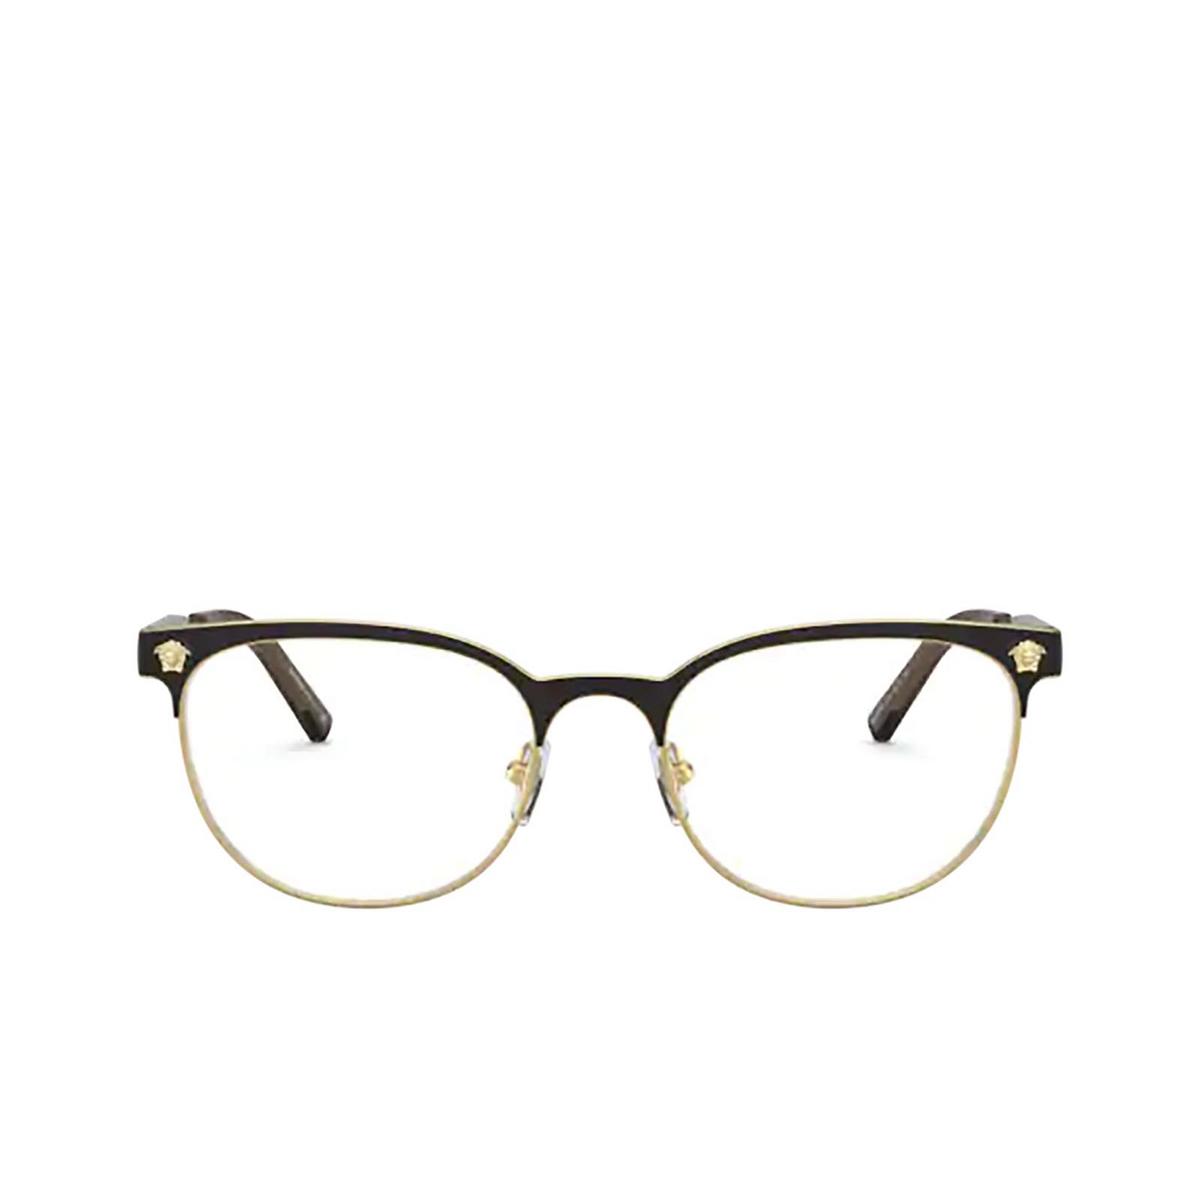 Versace® Oval Eyeglasses: VE1268 color Matte Black / Gold 1261 - front view.